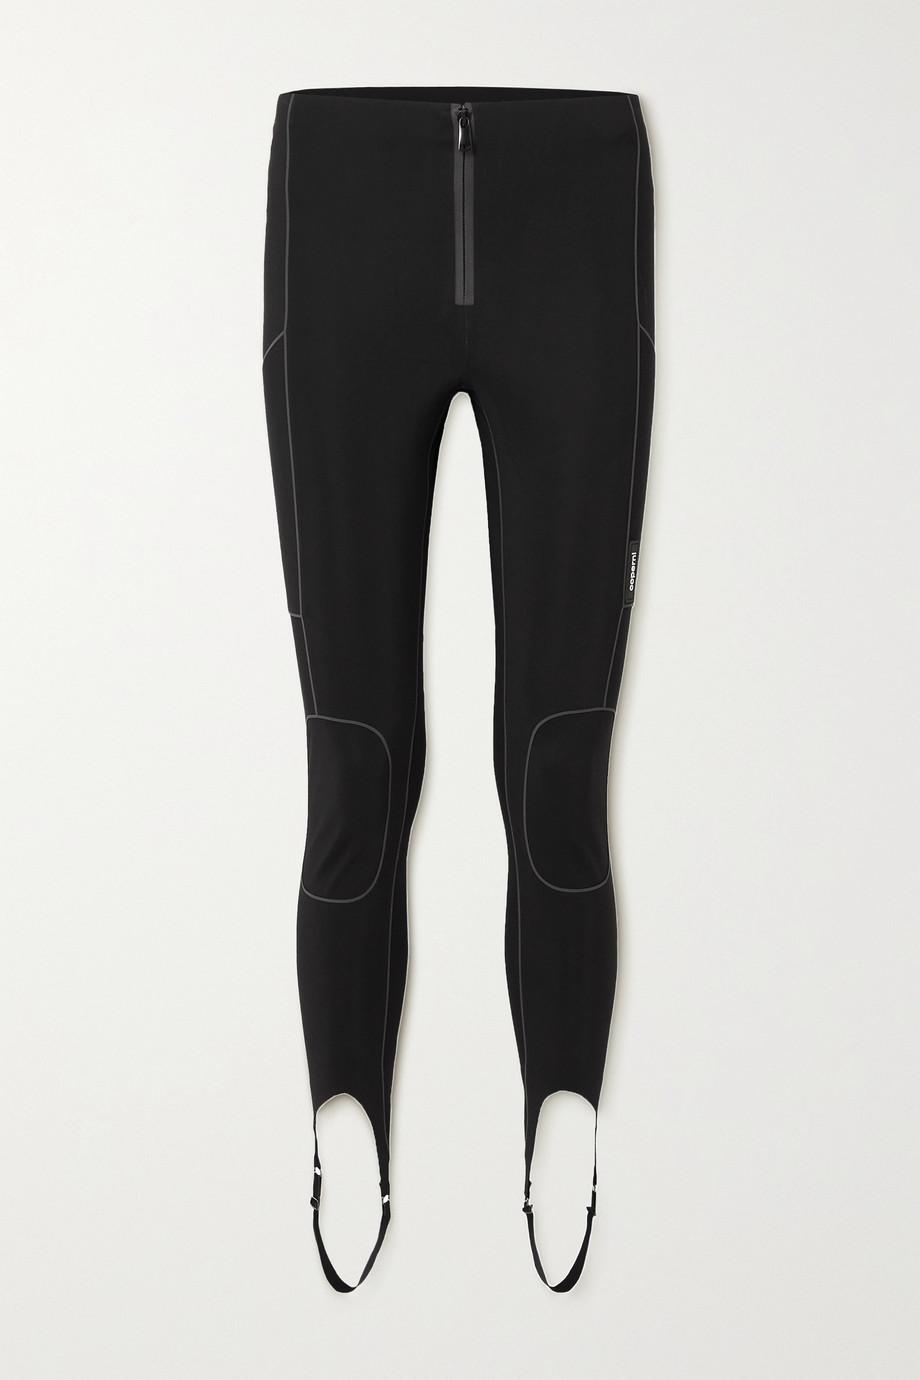 Coperni C+ piped stretch stirrup pants